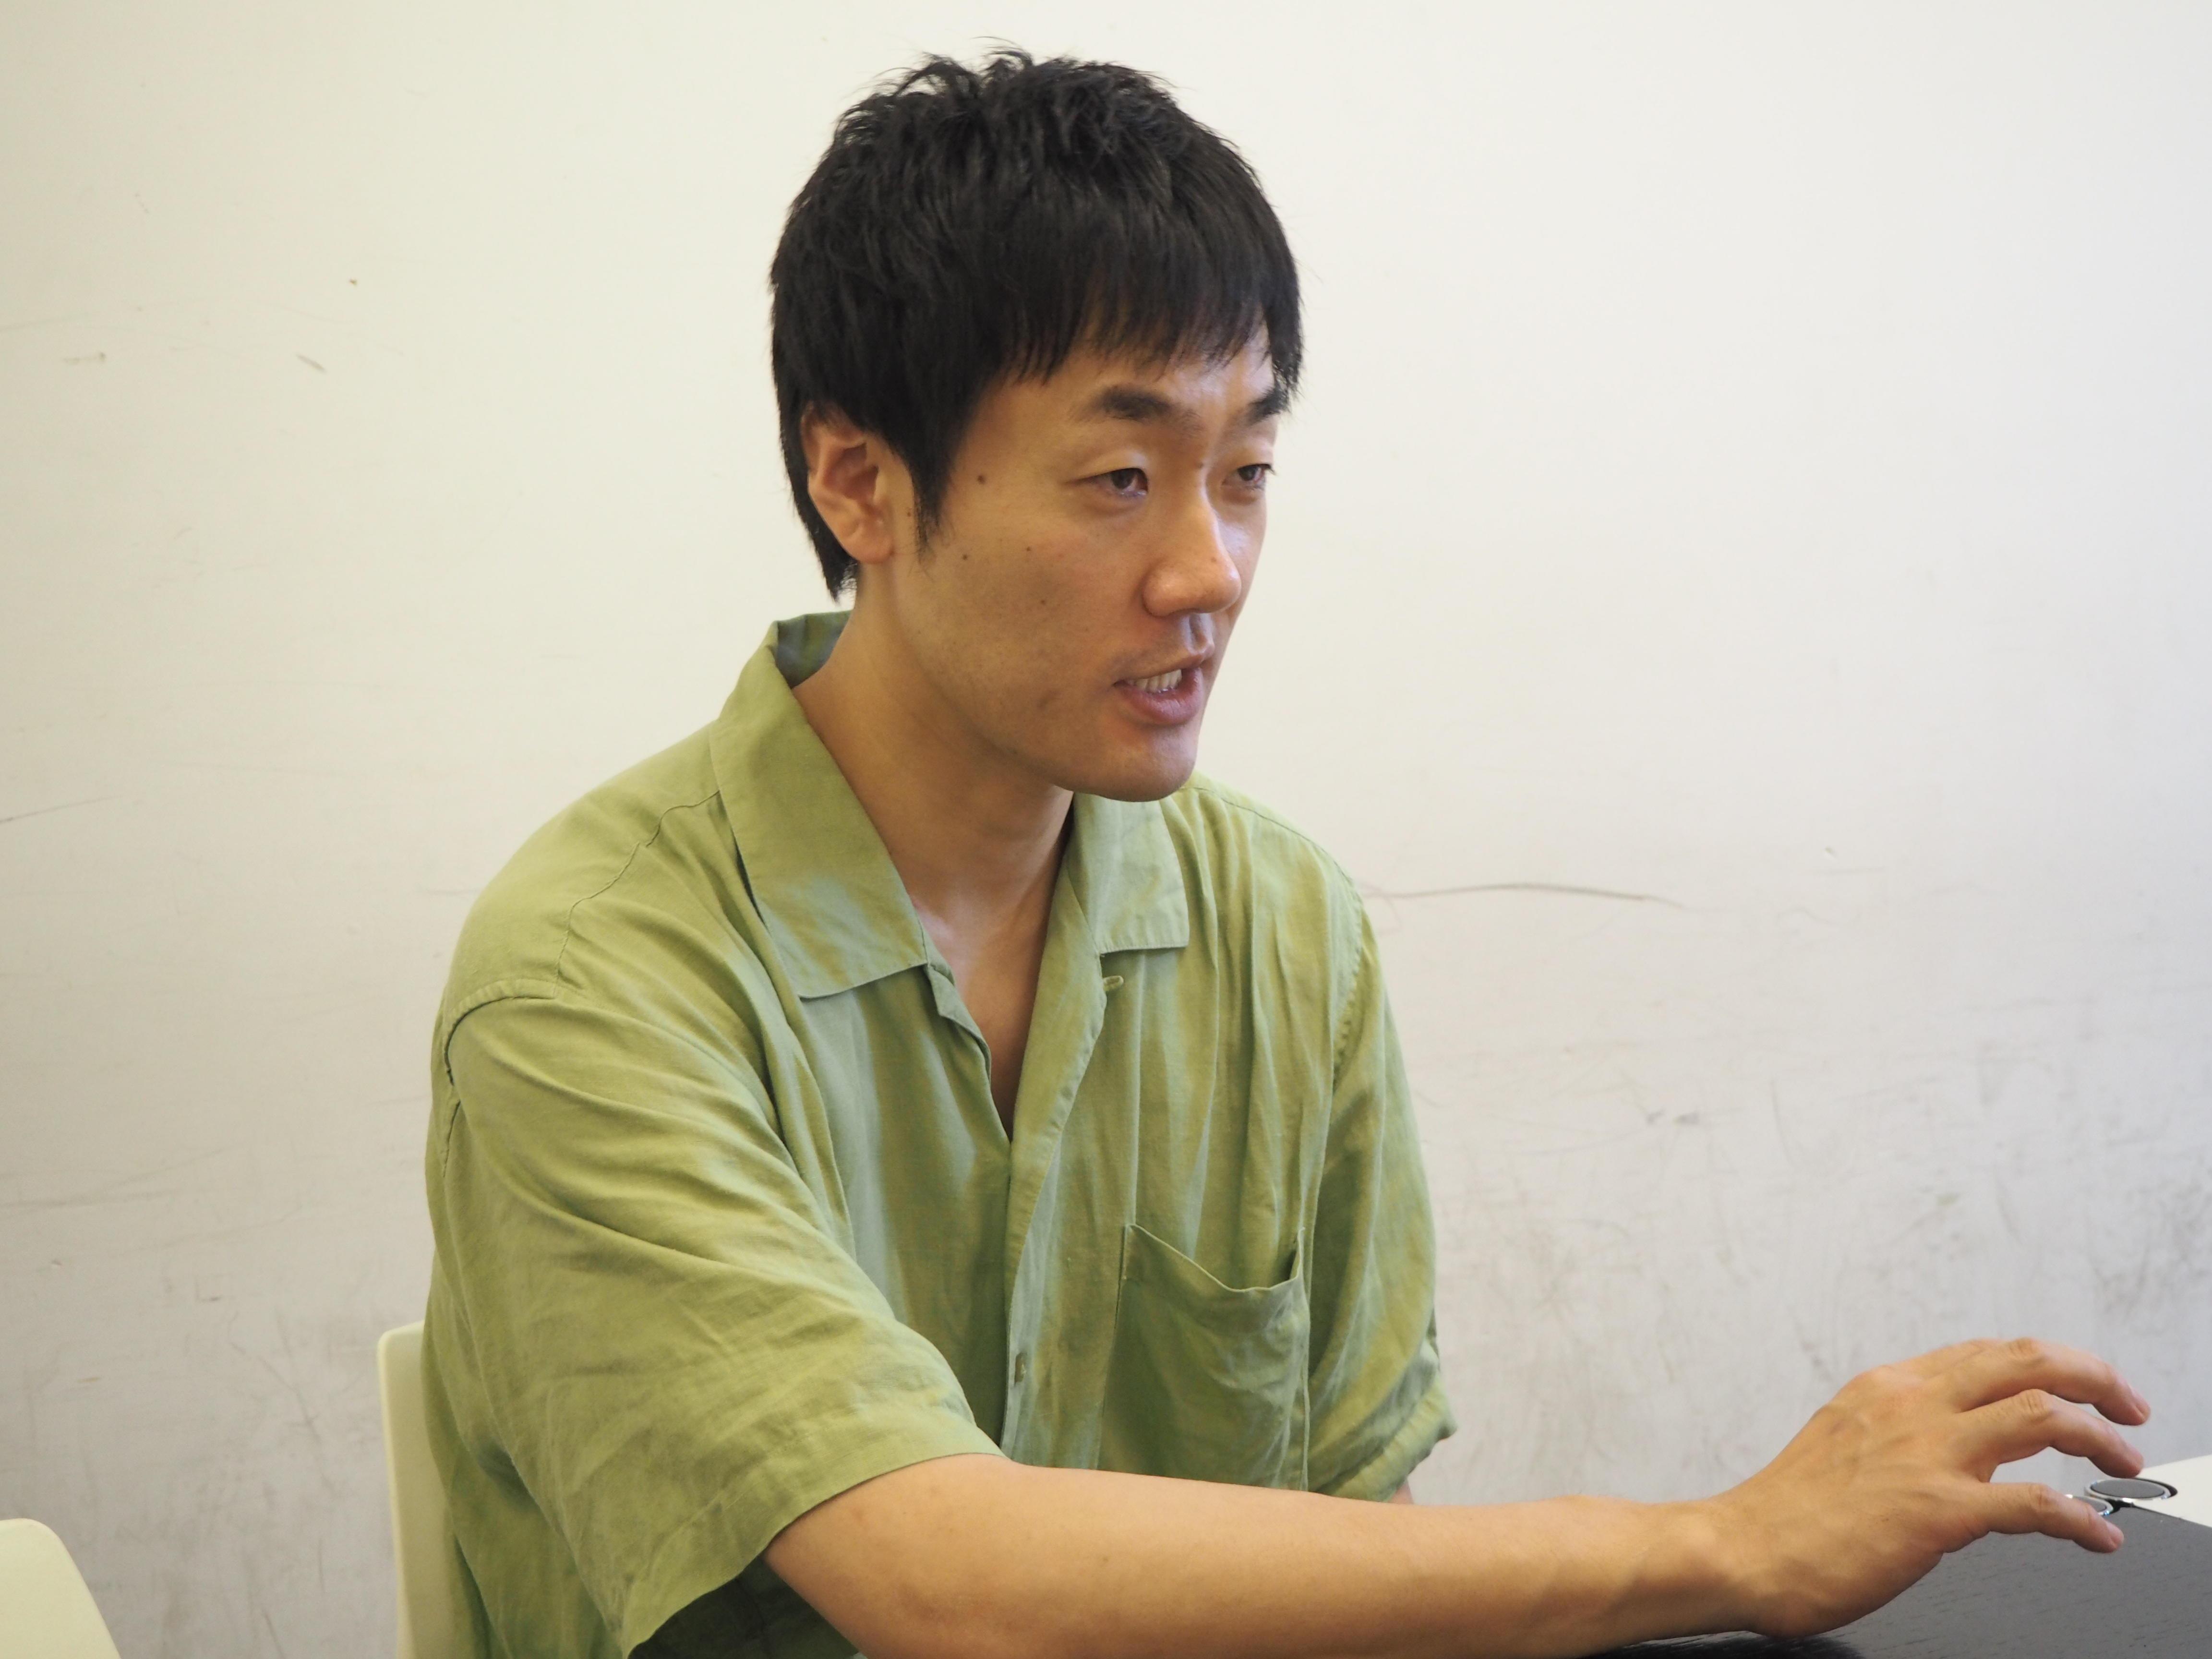 http://news.yoshimoto.co.jp/20180809163743-1e06a8002be9a60ebddf731f179d185a9326643d.jpg